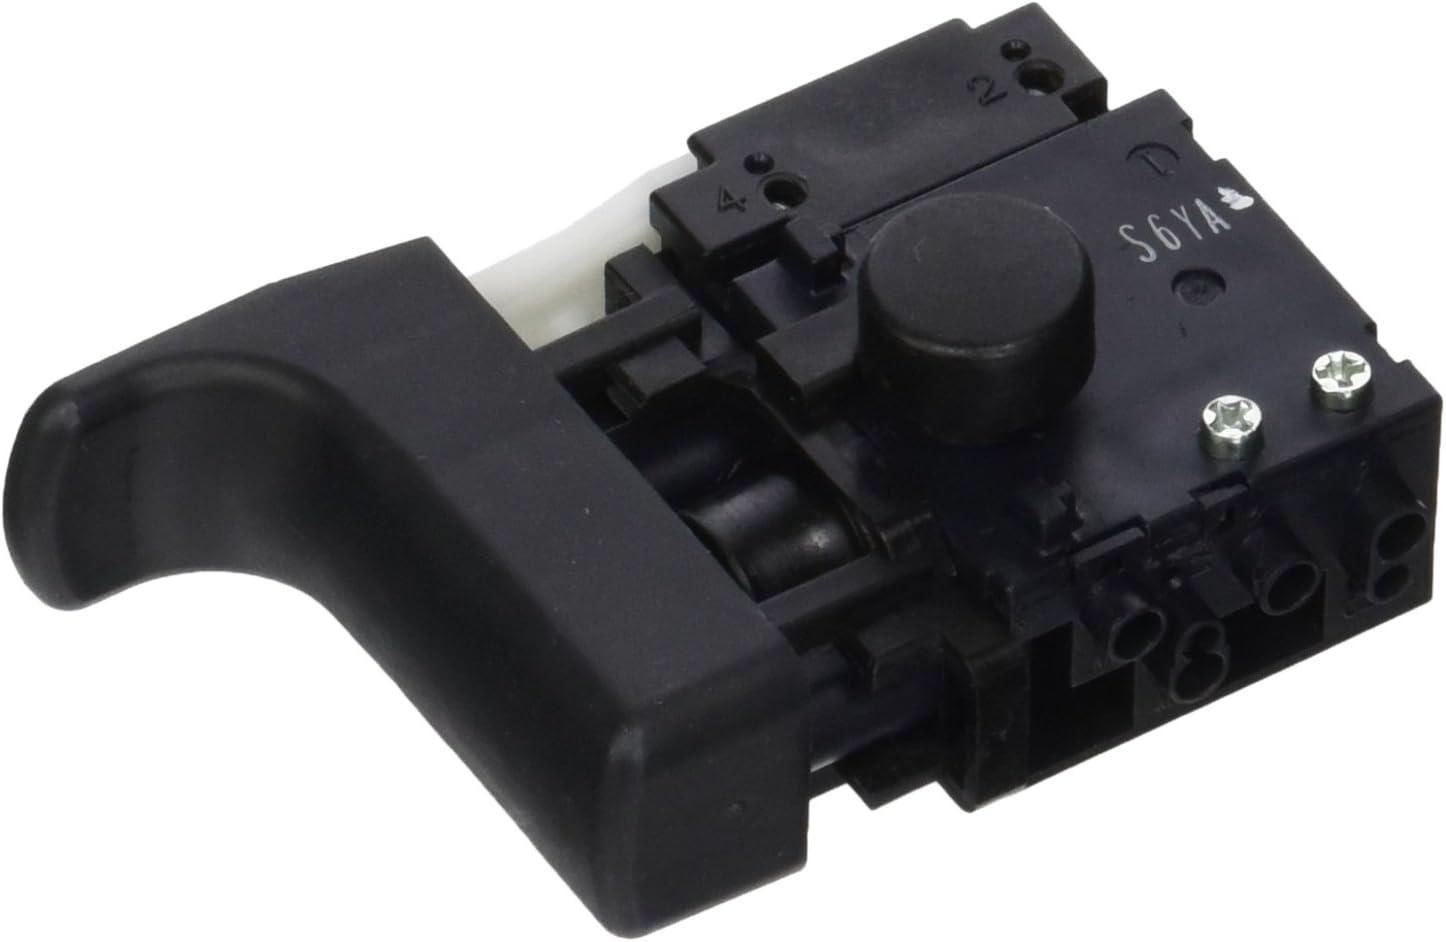 Hitachi 335796 SWITCH Pieza de repuesto (descontinuado por el fabricante)